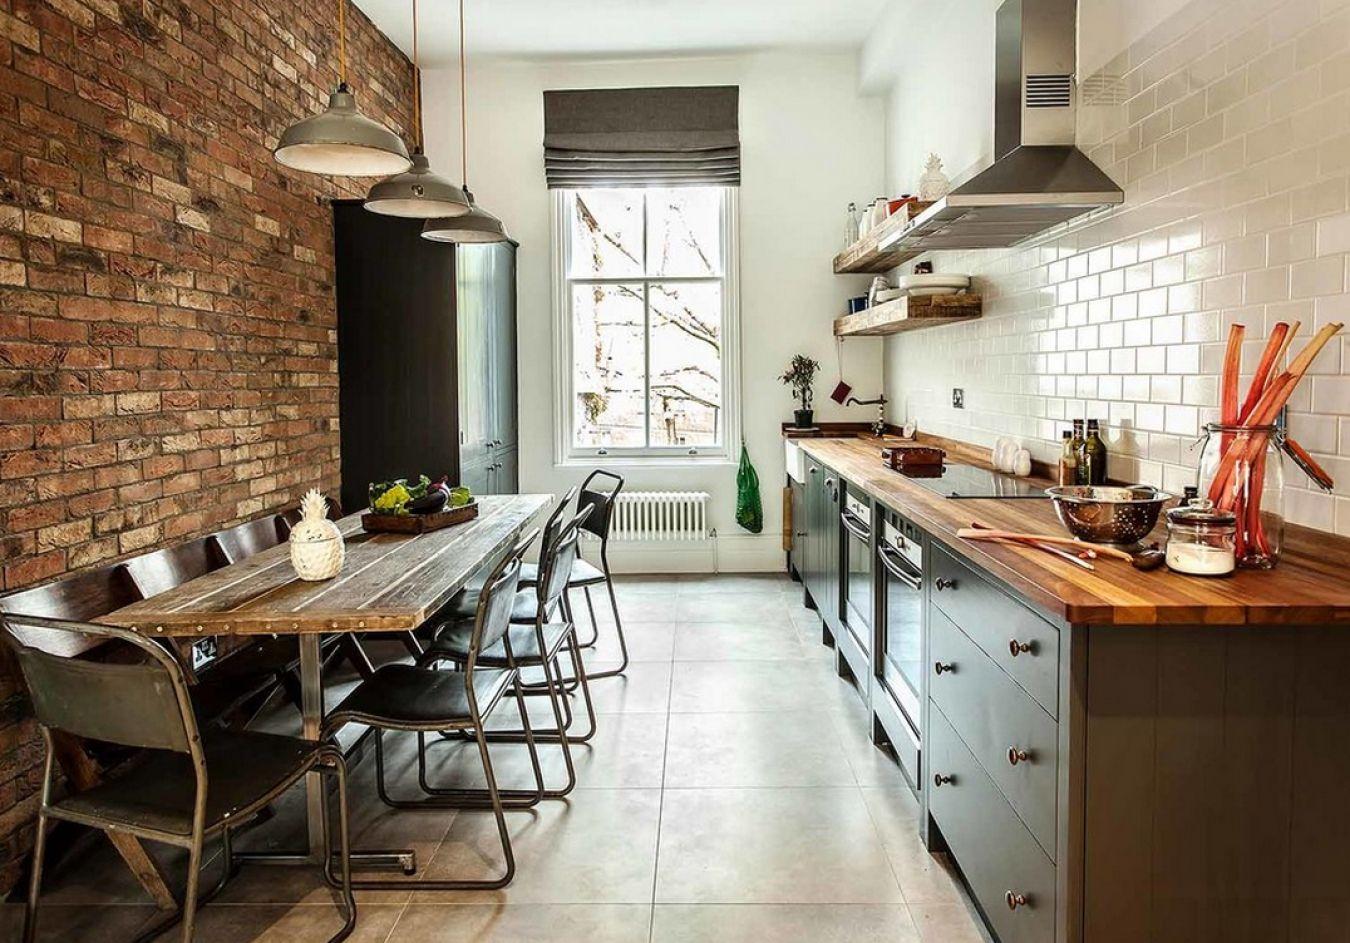 Кухня в индустриальном стиле | Interiors |